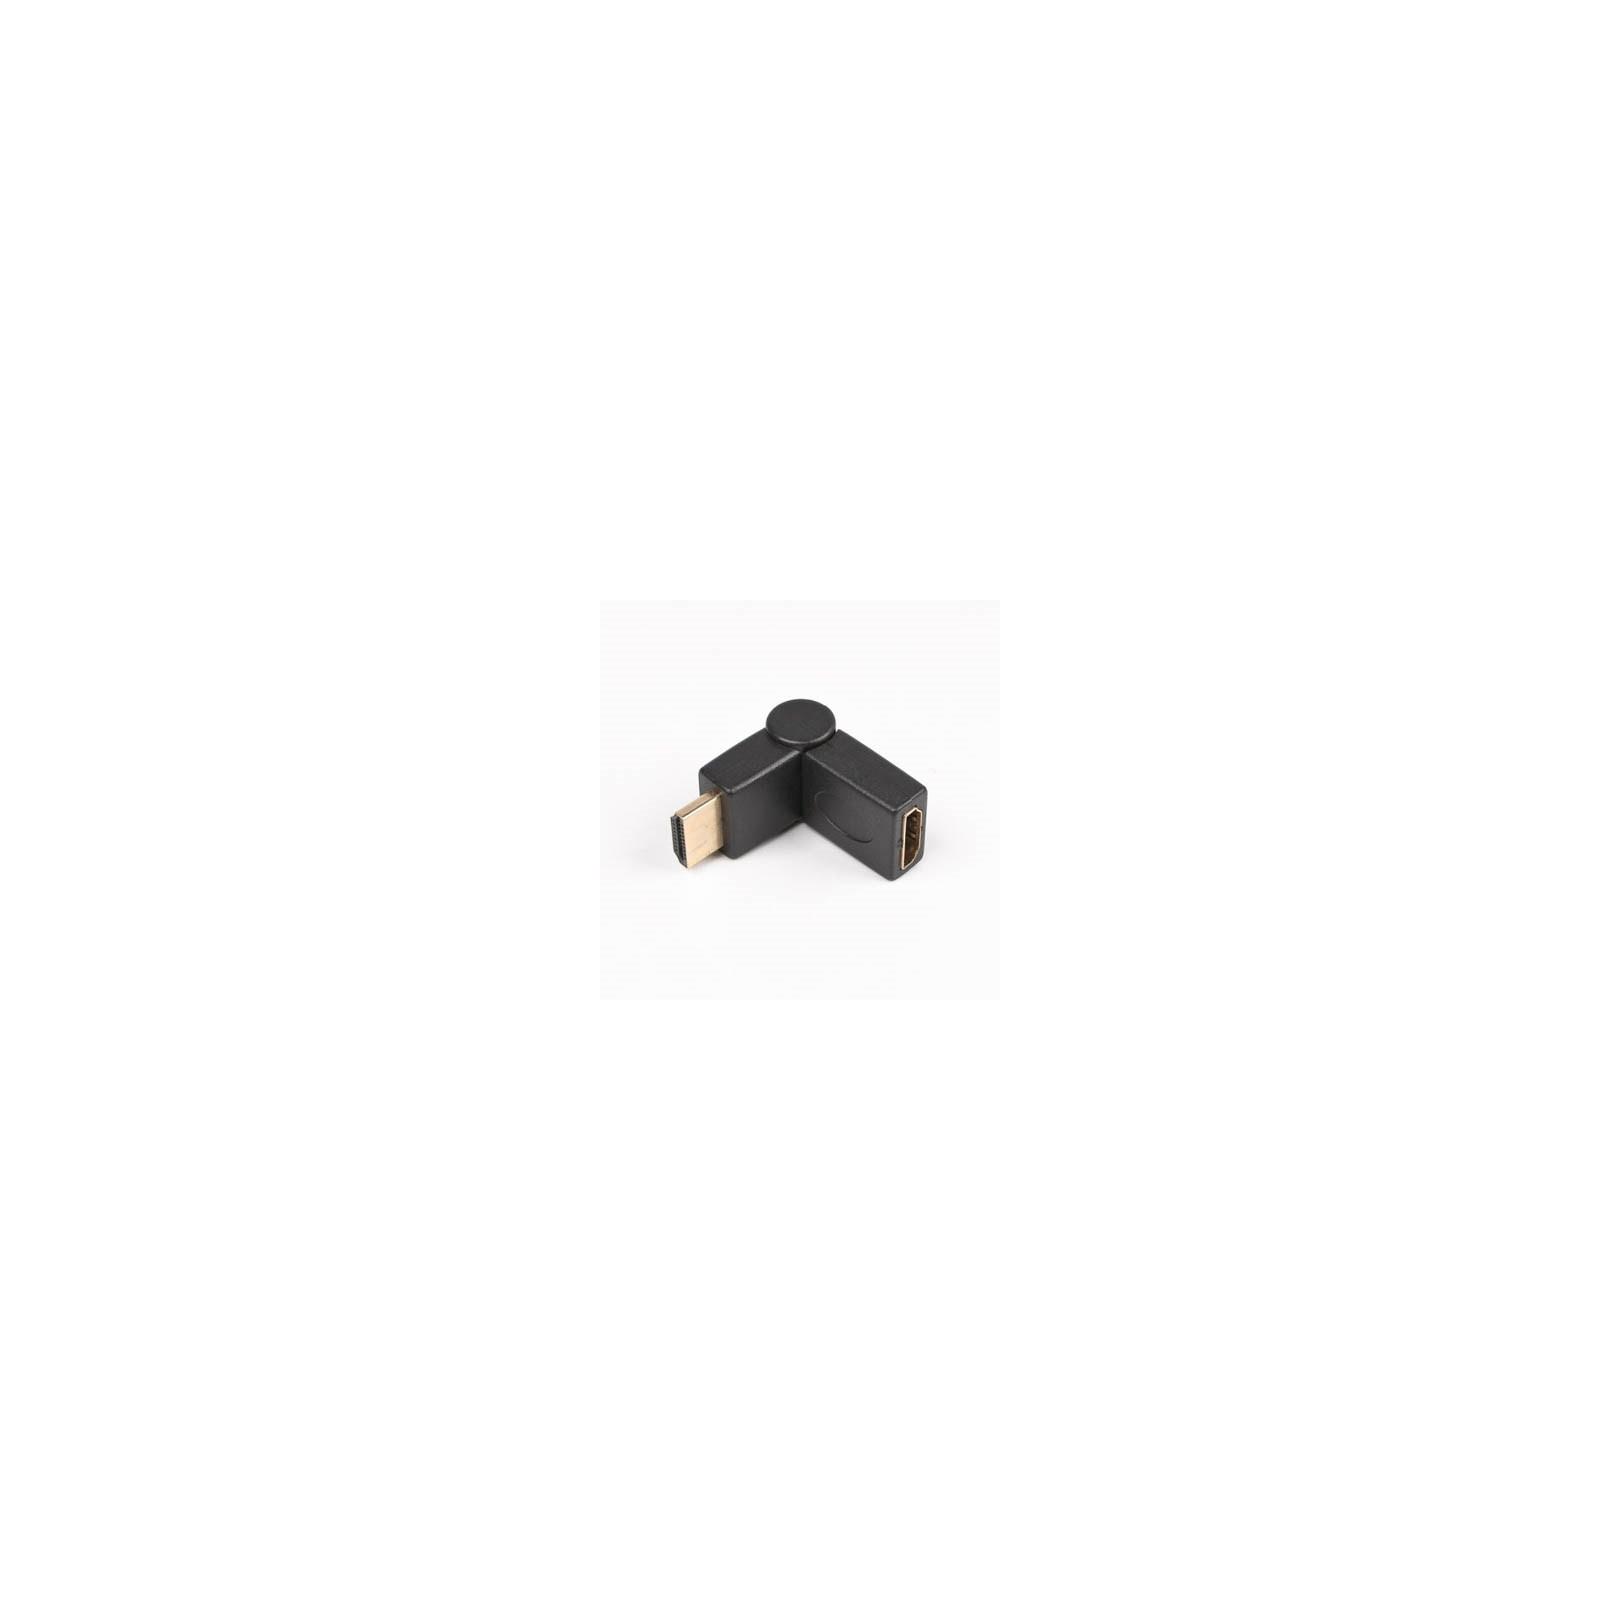 Переходник HDMI M to HDMI F Viewcon (VD 048)